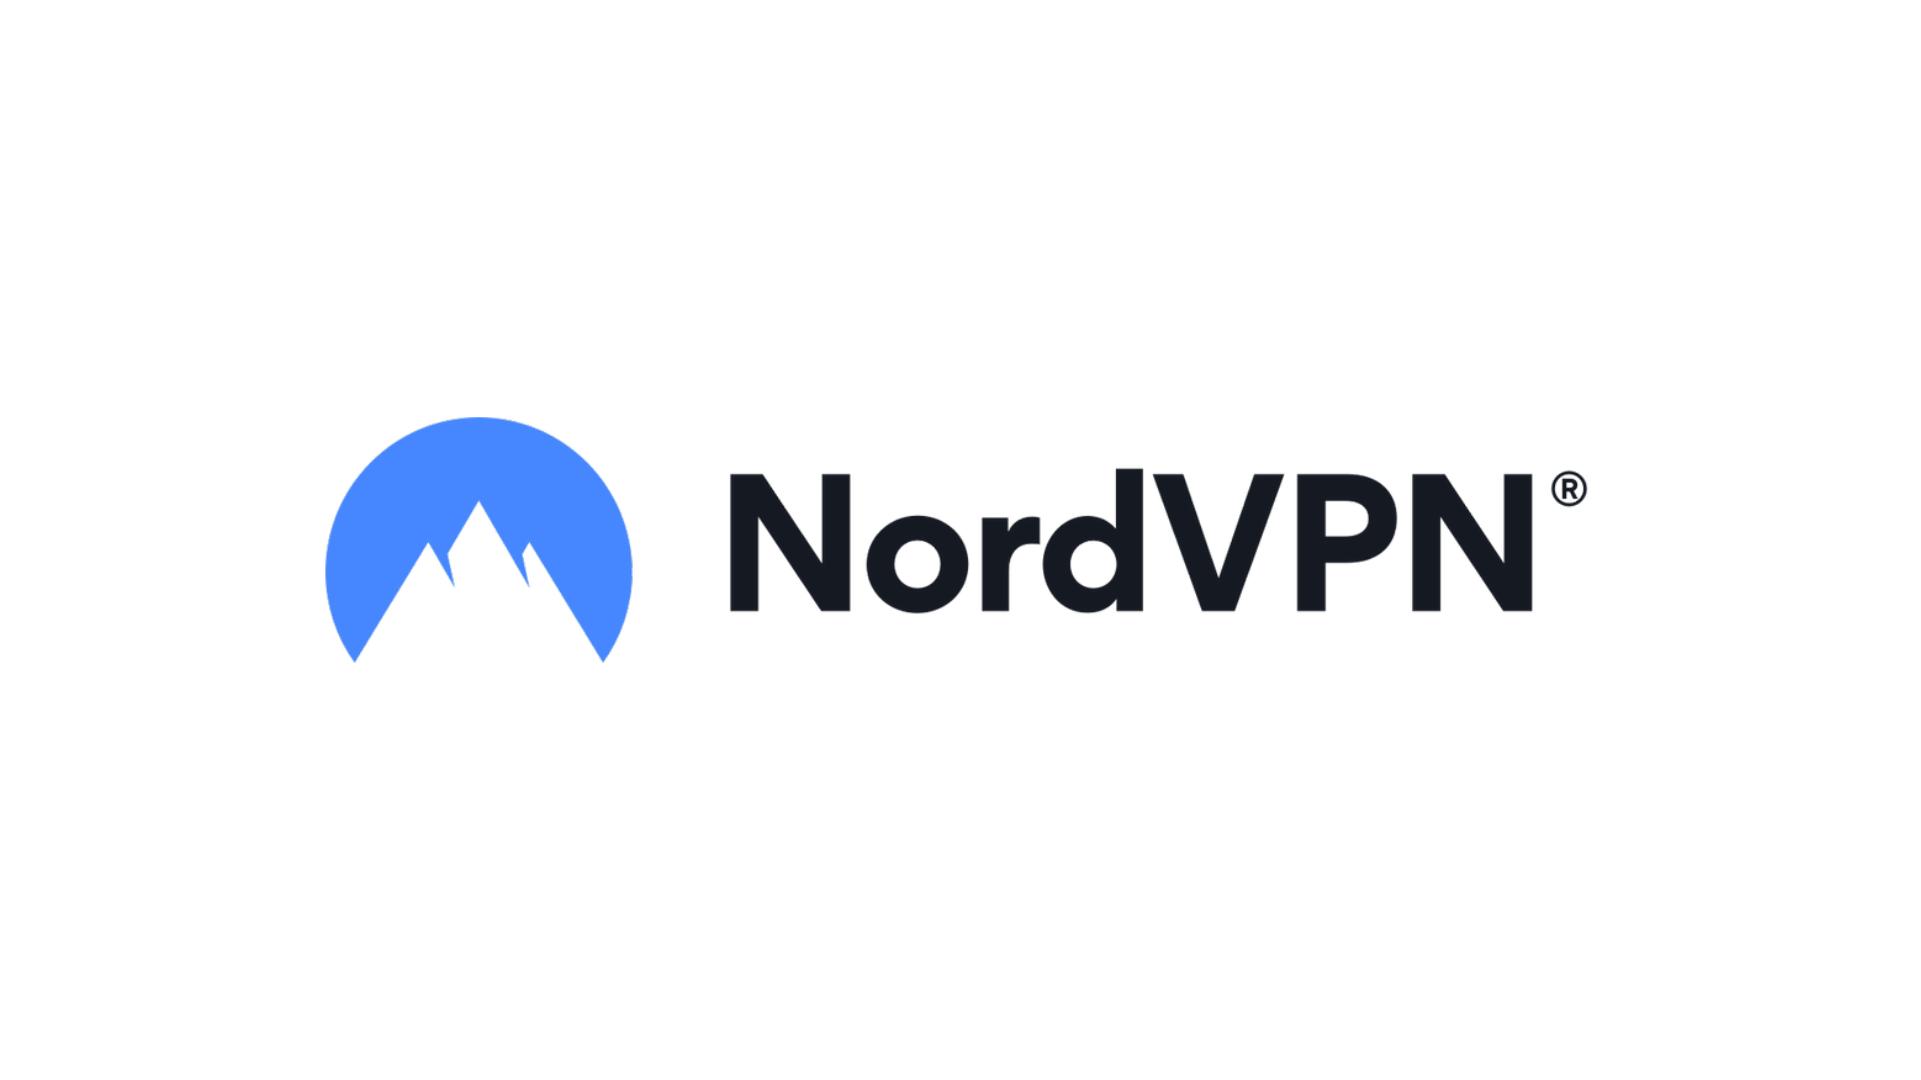 NordVPN логотип Опера